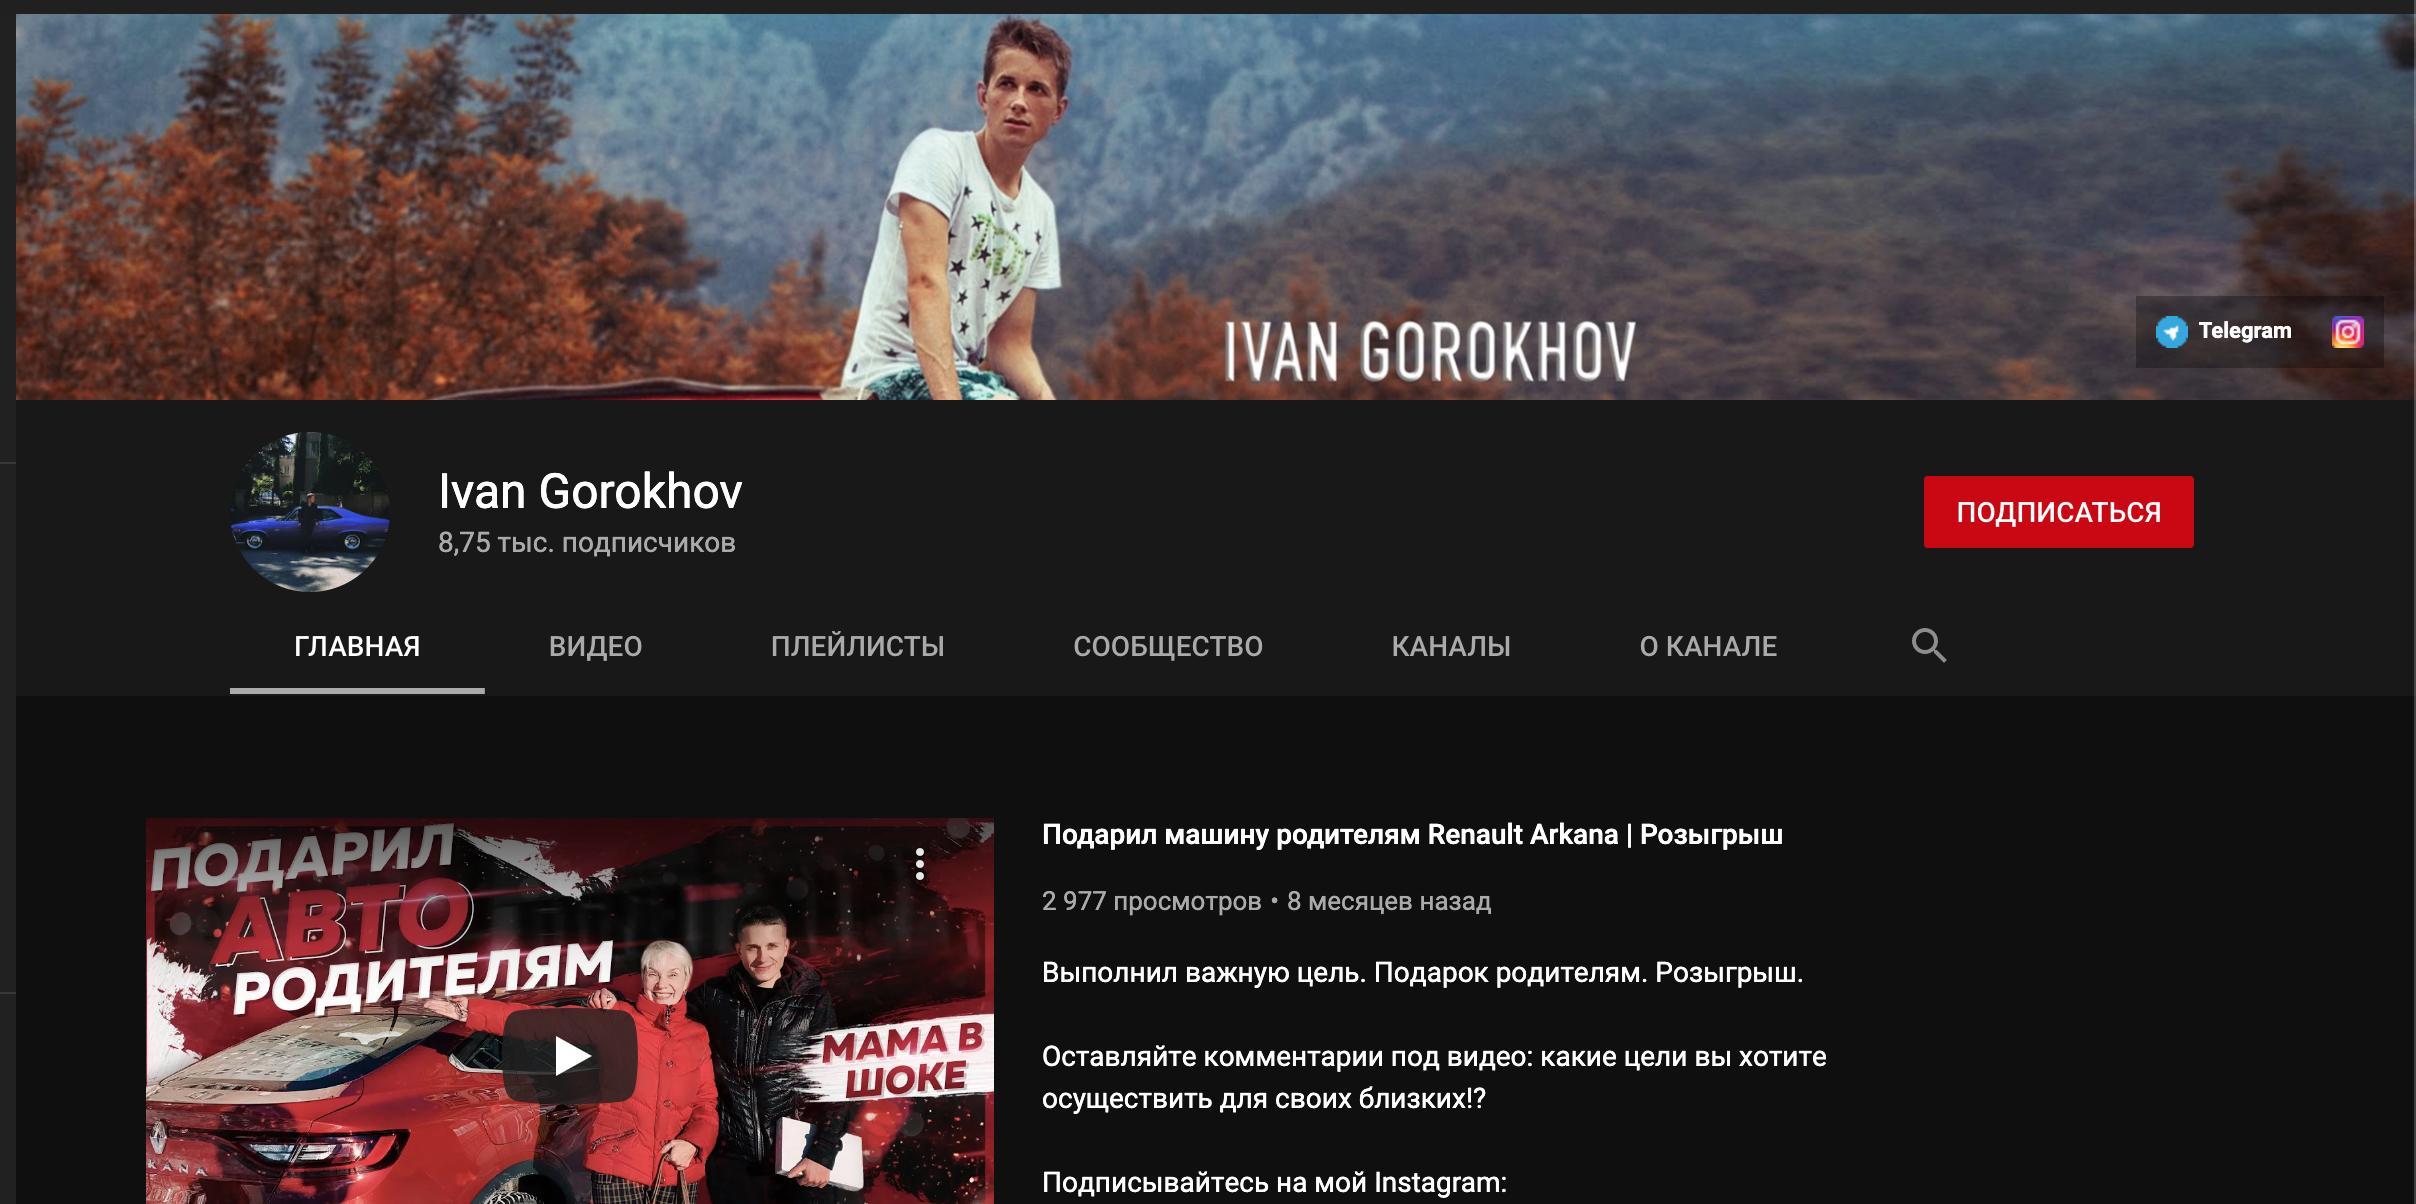 Ютуб канал Ивана Горохова (IVAN GOROKHOV)